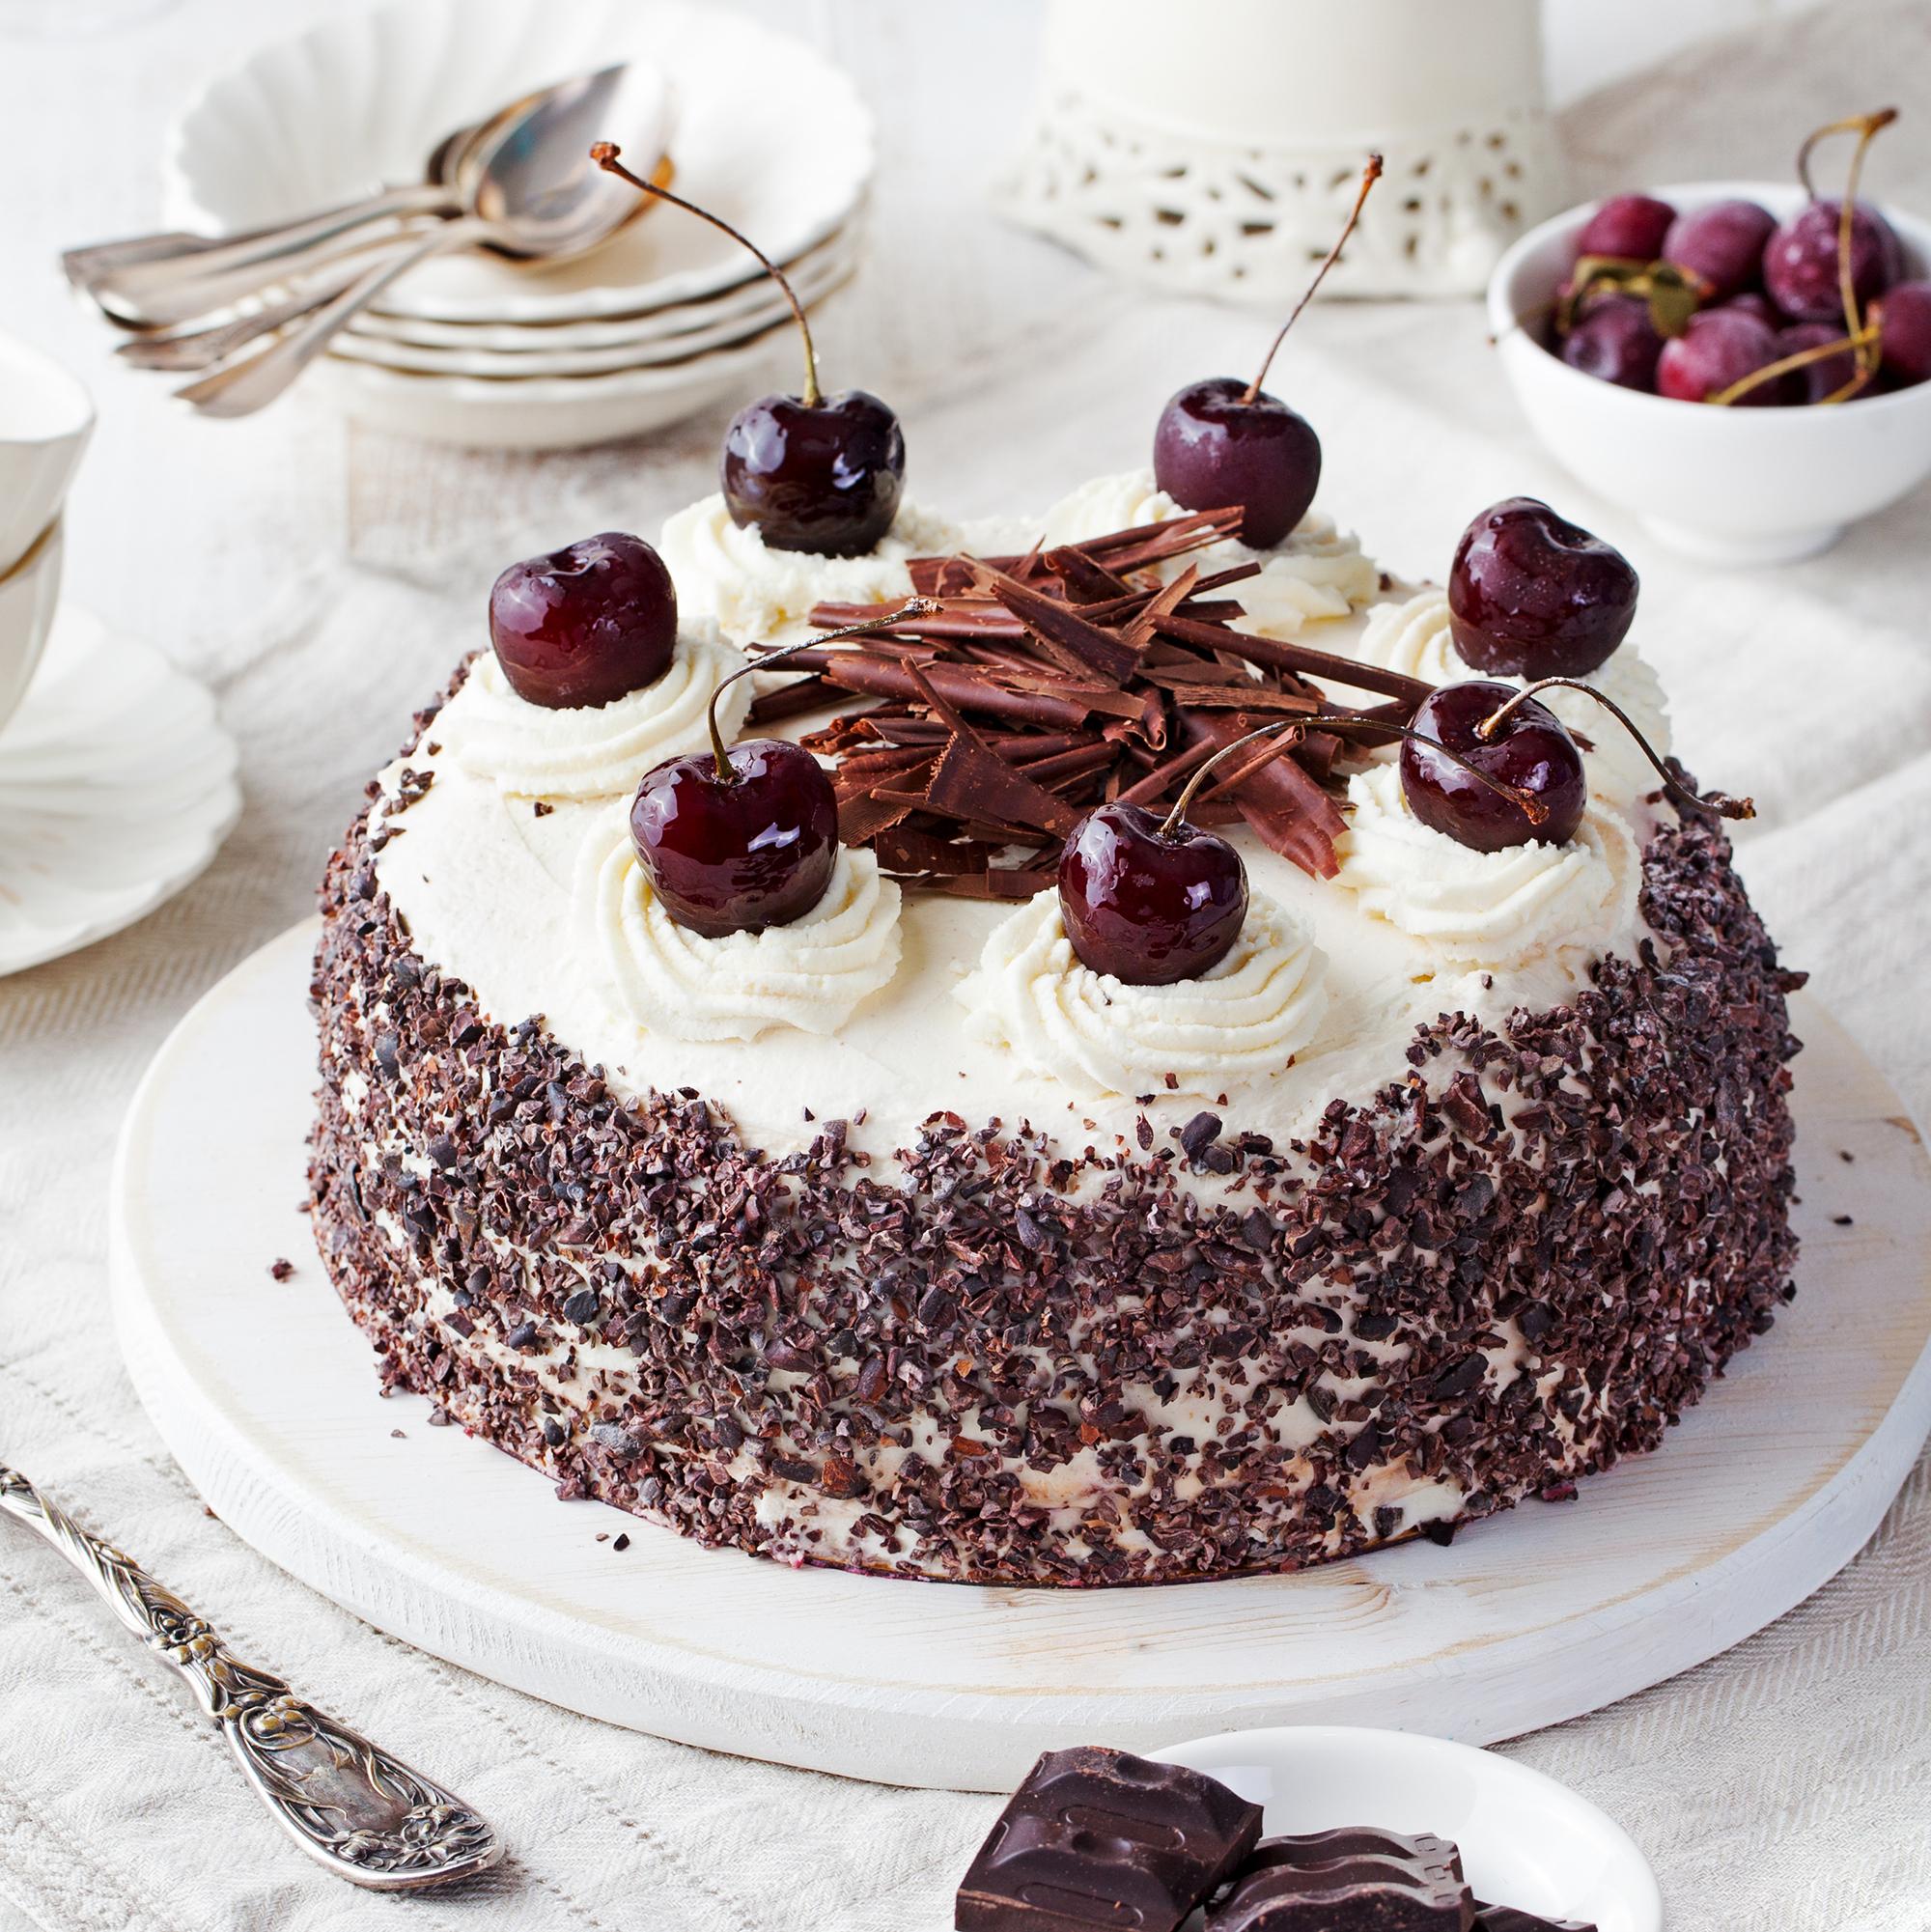 Cakes, Bakephotos_110419916_original